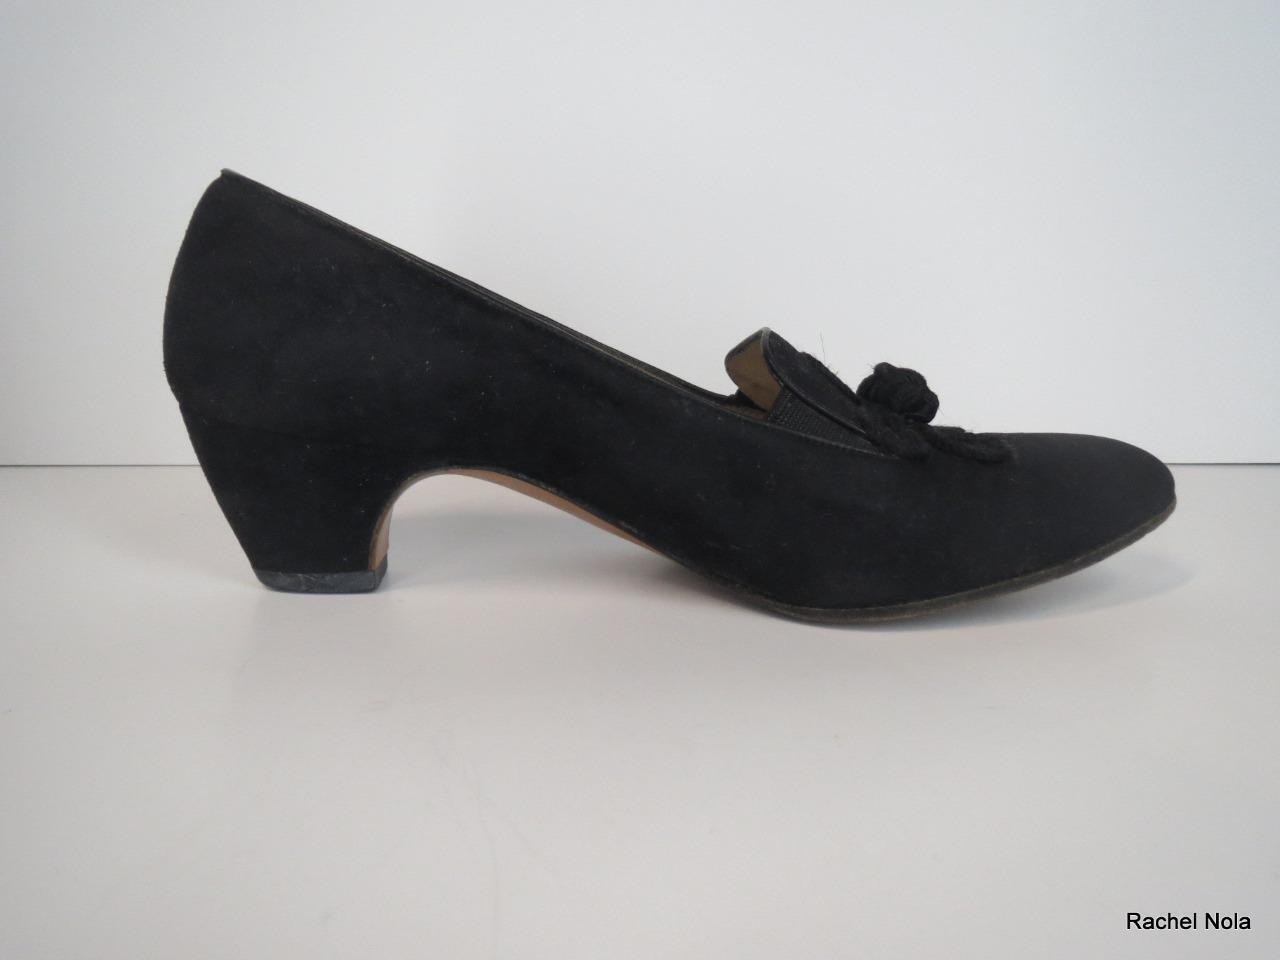 basta comprarlo Ferragamo Heels Pumps Classic Suede Dimensione 5 nero Flower Knot Knot Knot Comfort Work Career  consegna e reso gratuiti